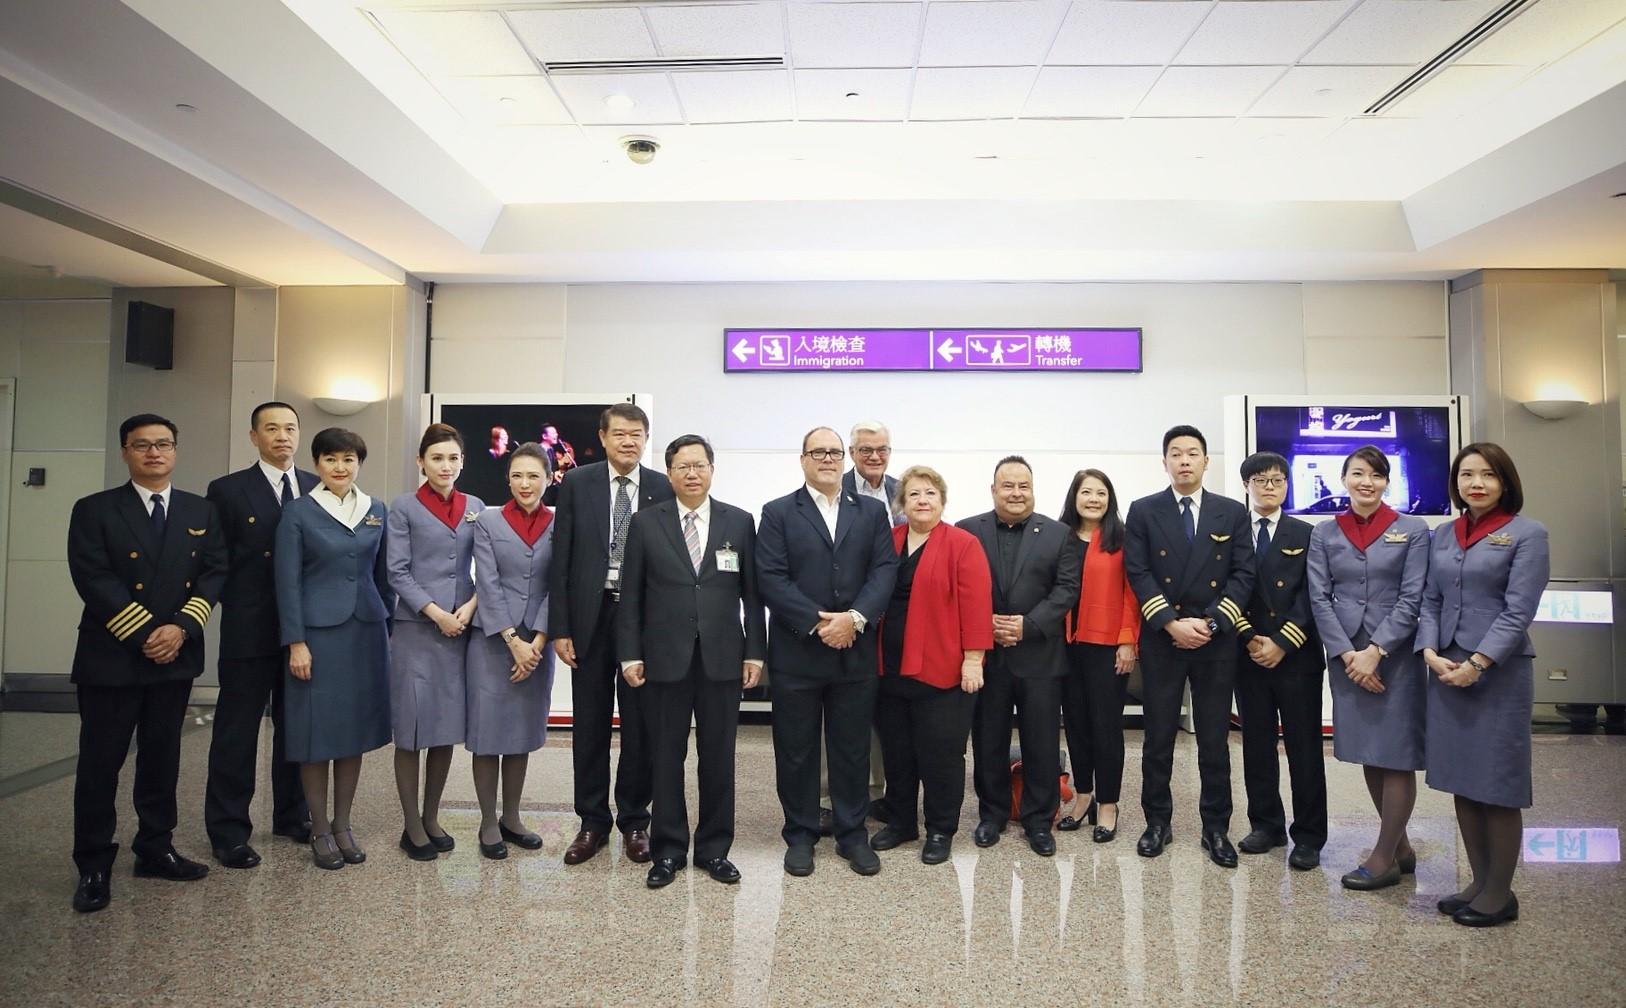 鄭文燦市長、中華航空何煖軒董事長、安大略訪問團與華航人員合影